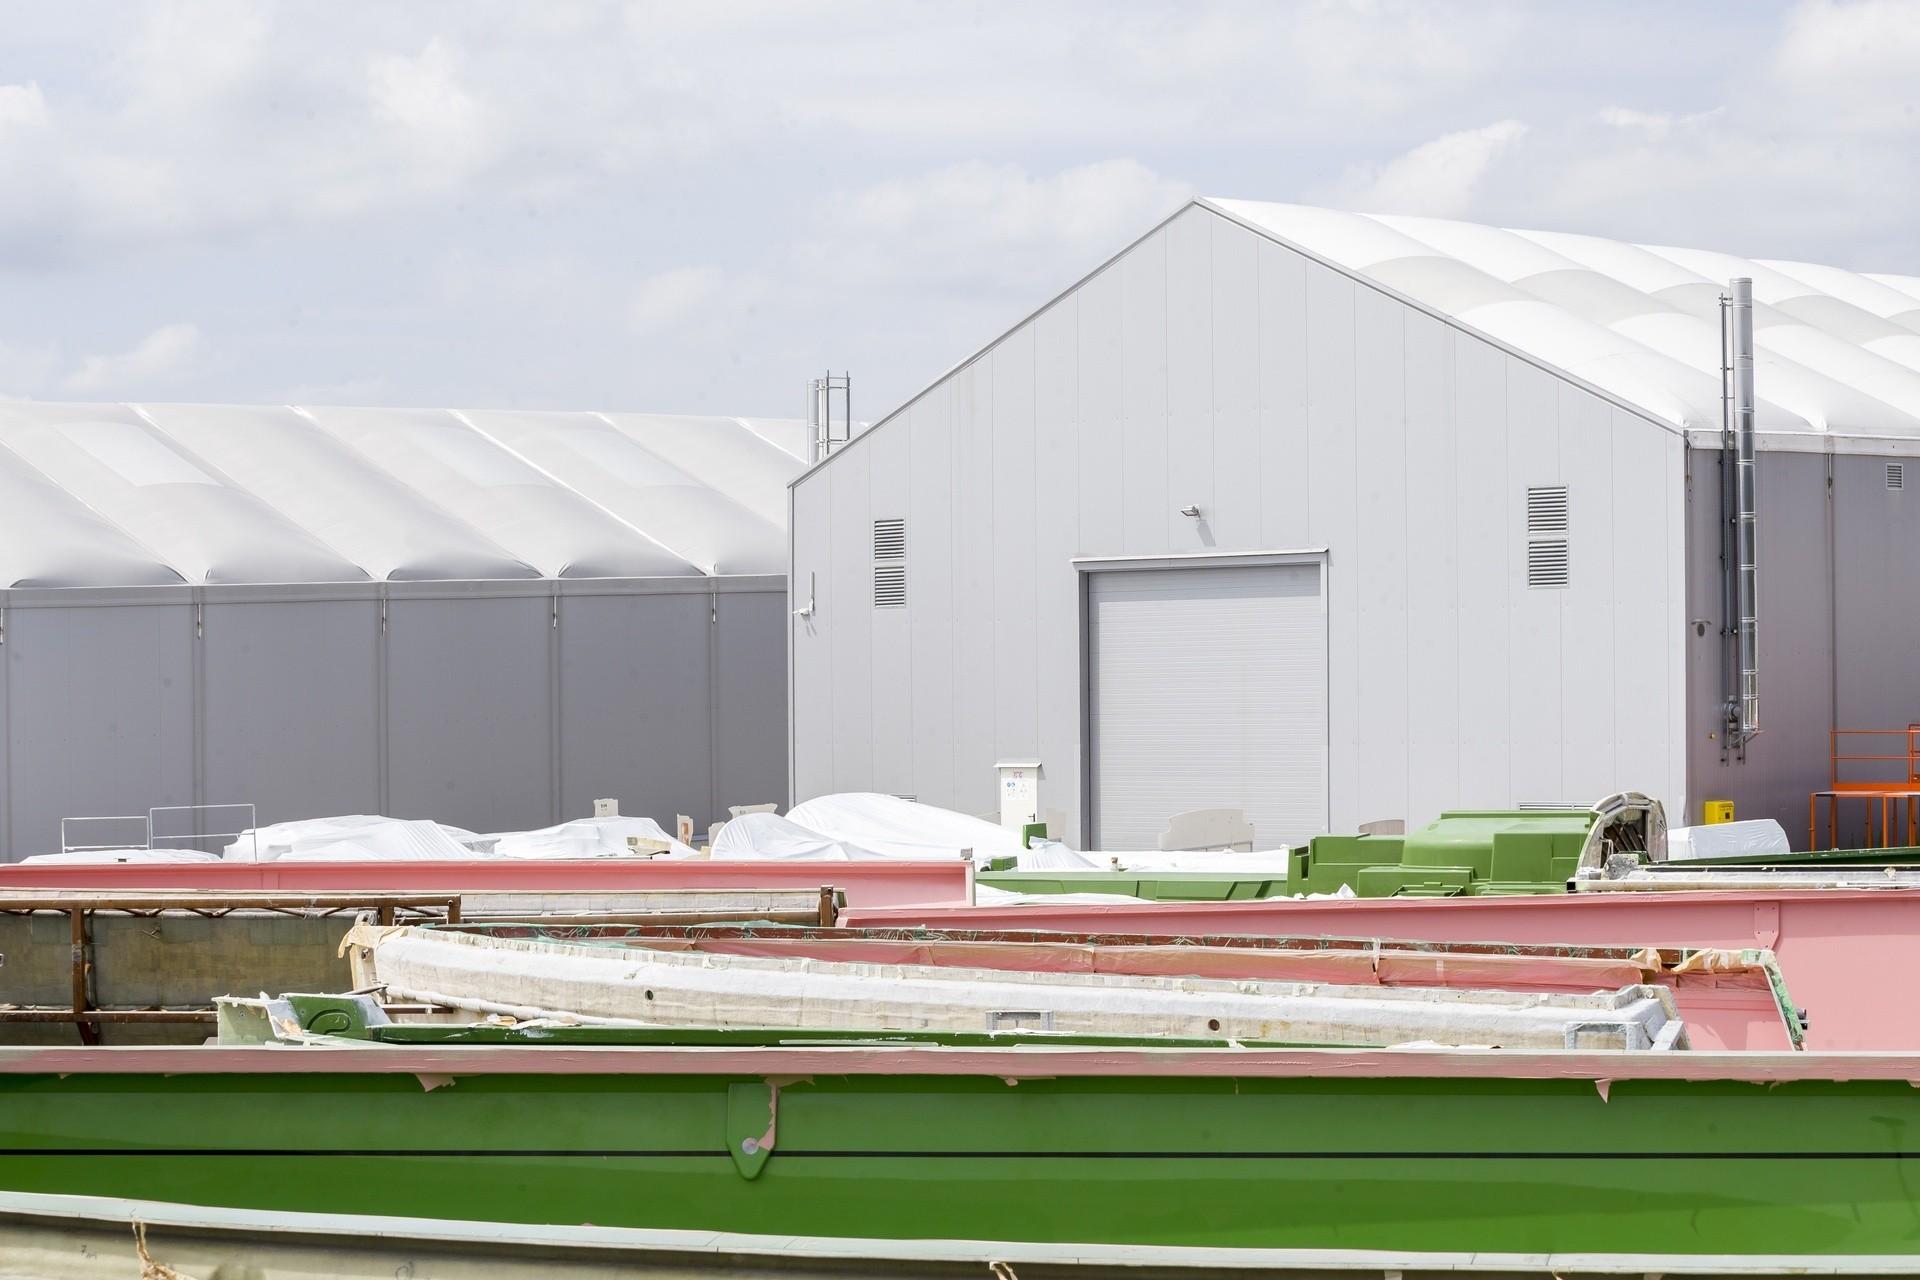 Hala namiotowa przemysłowa w miejscowości Goleniów